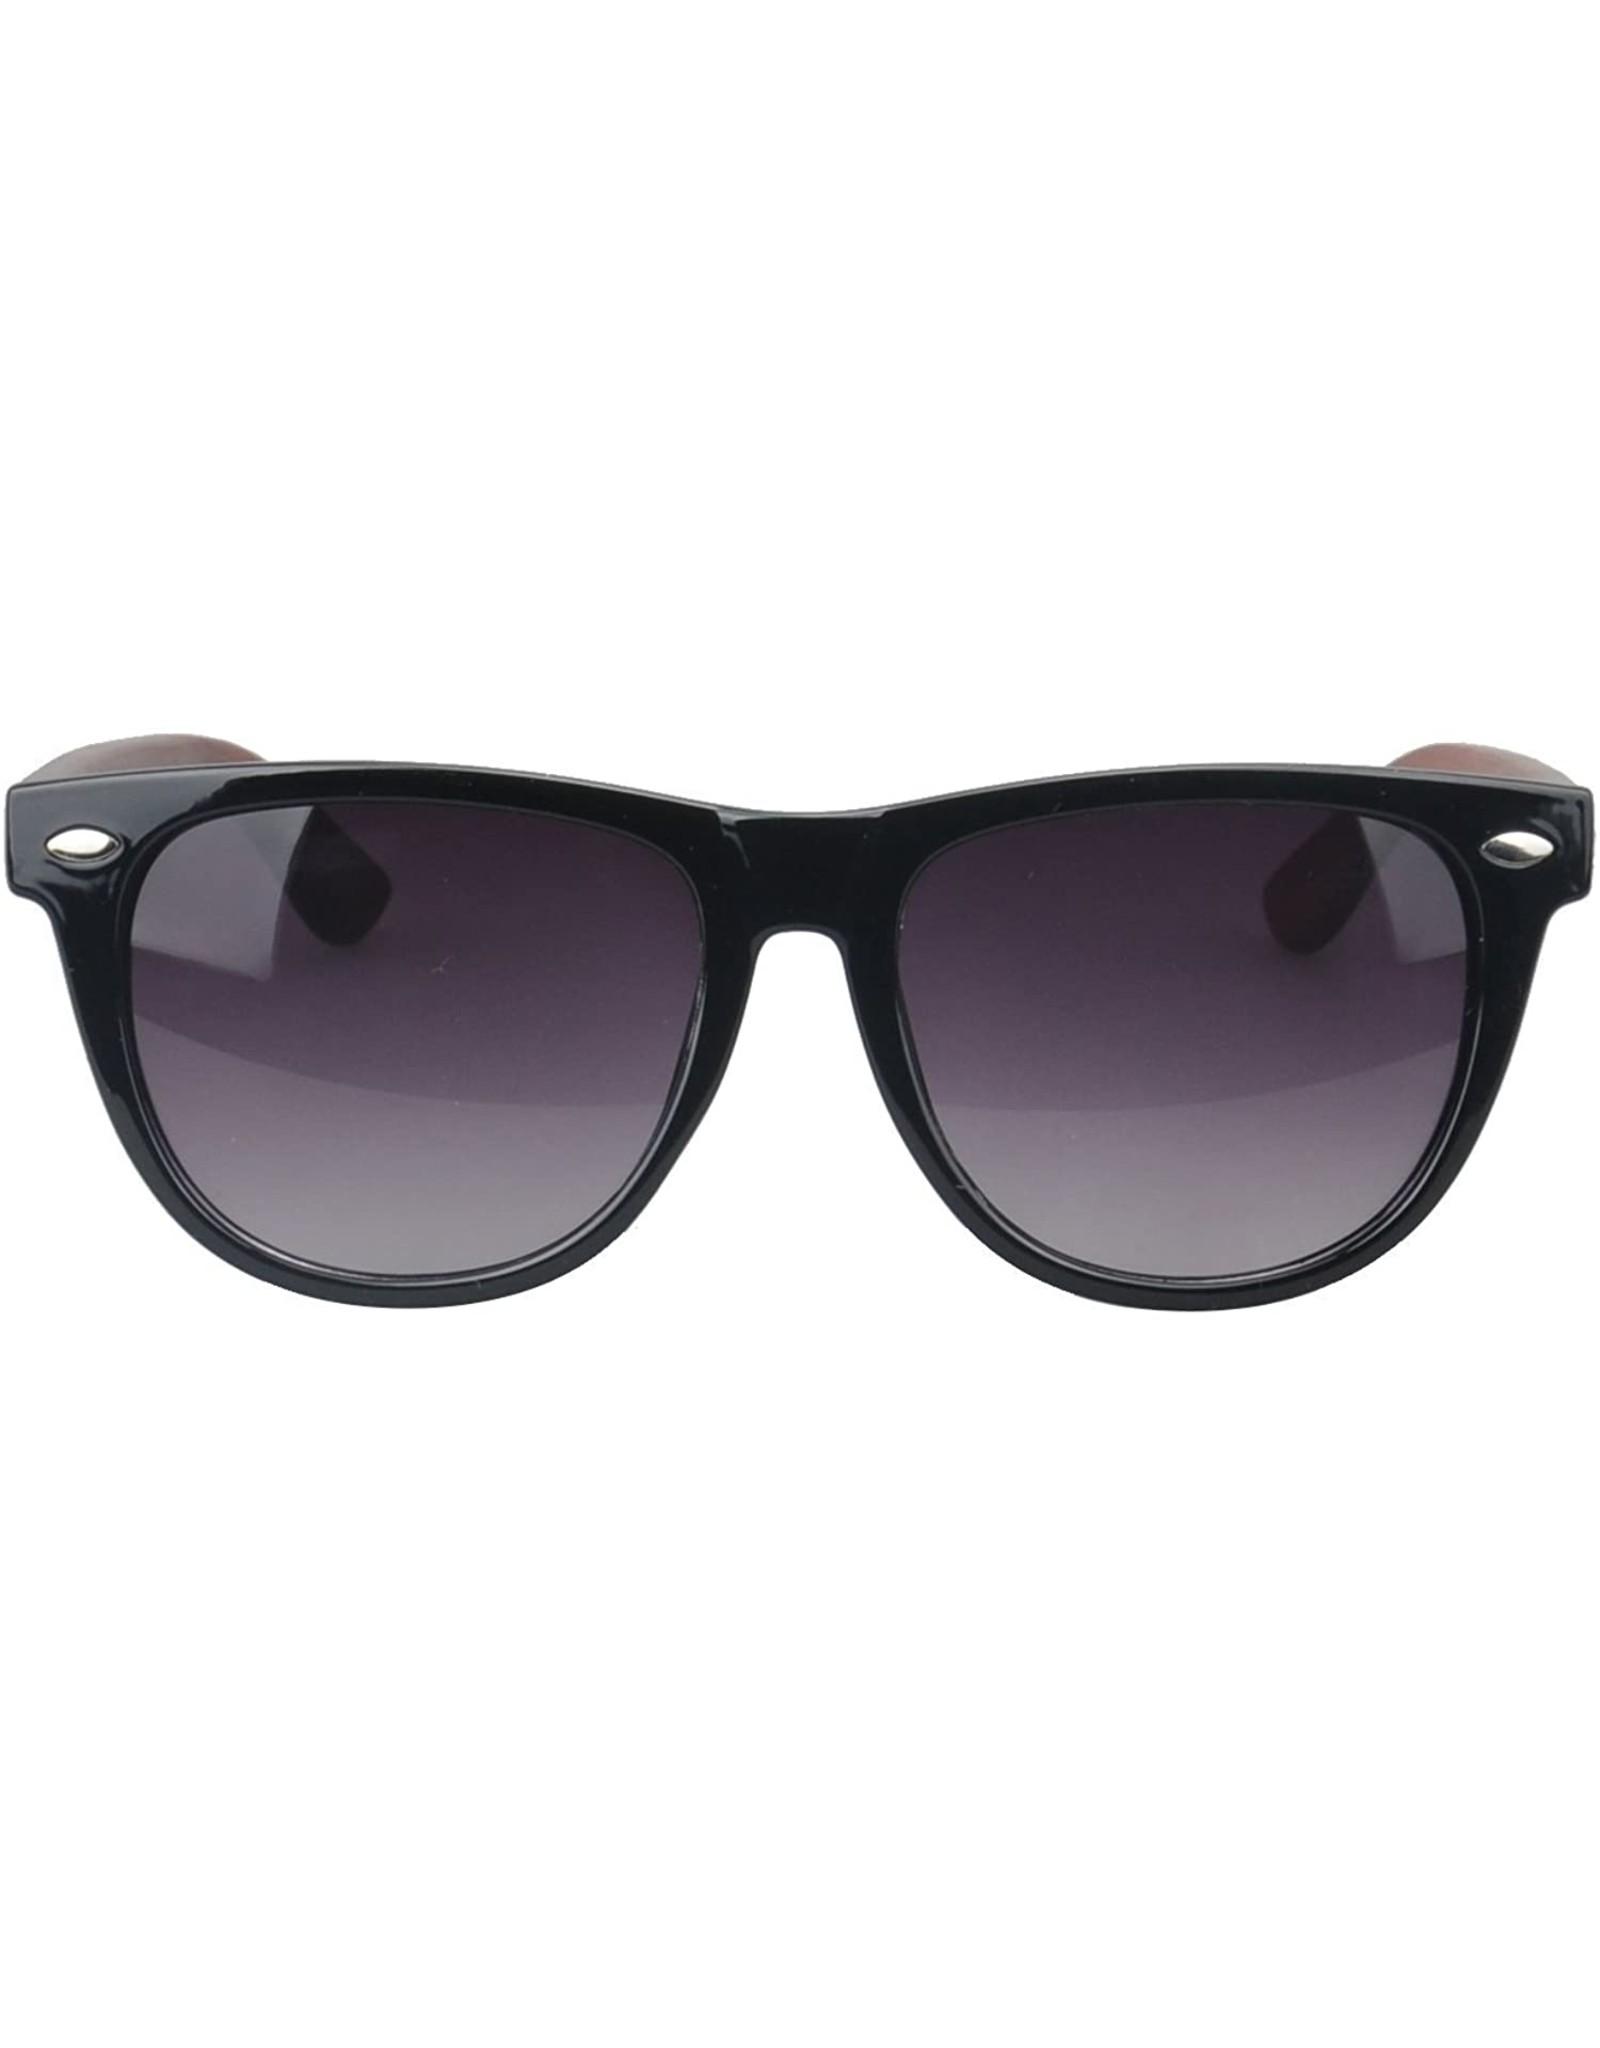 Kuma Eyewear - Big Banyan Sunglasses